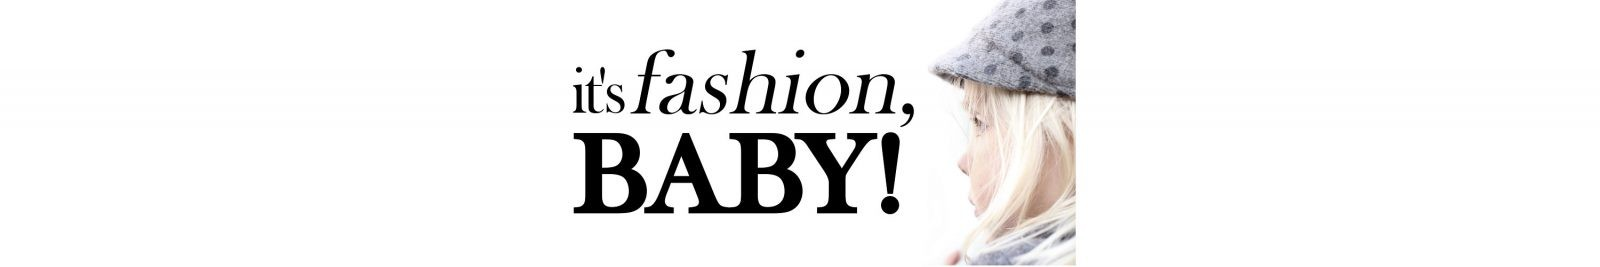 It's Fashion, Baby! - En livsstilsblog om mode til mor & børn